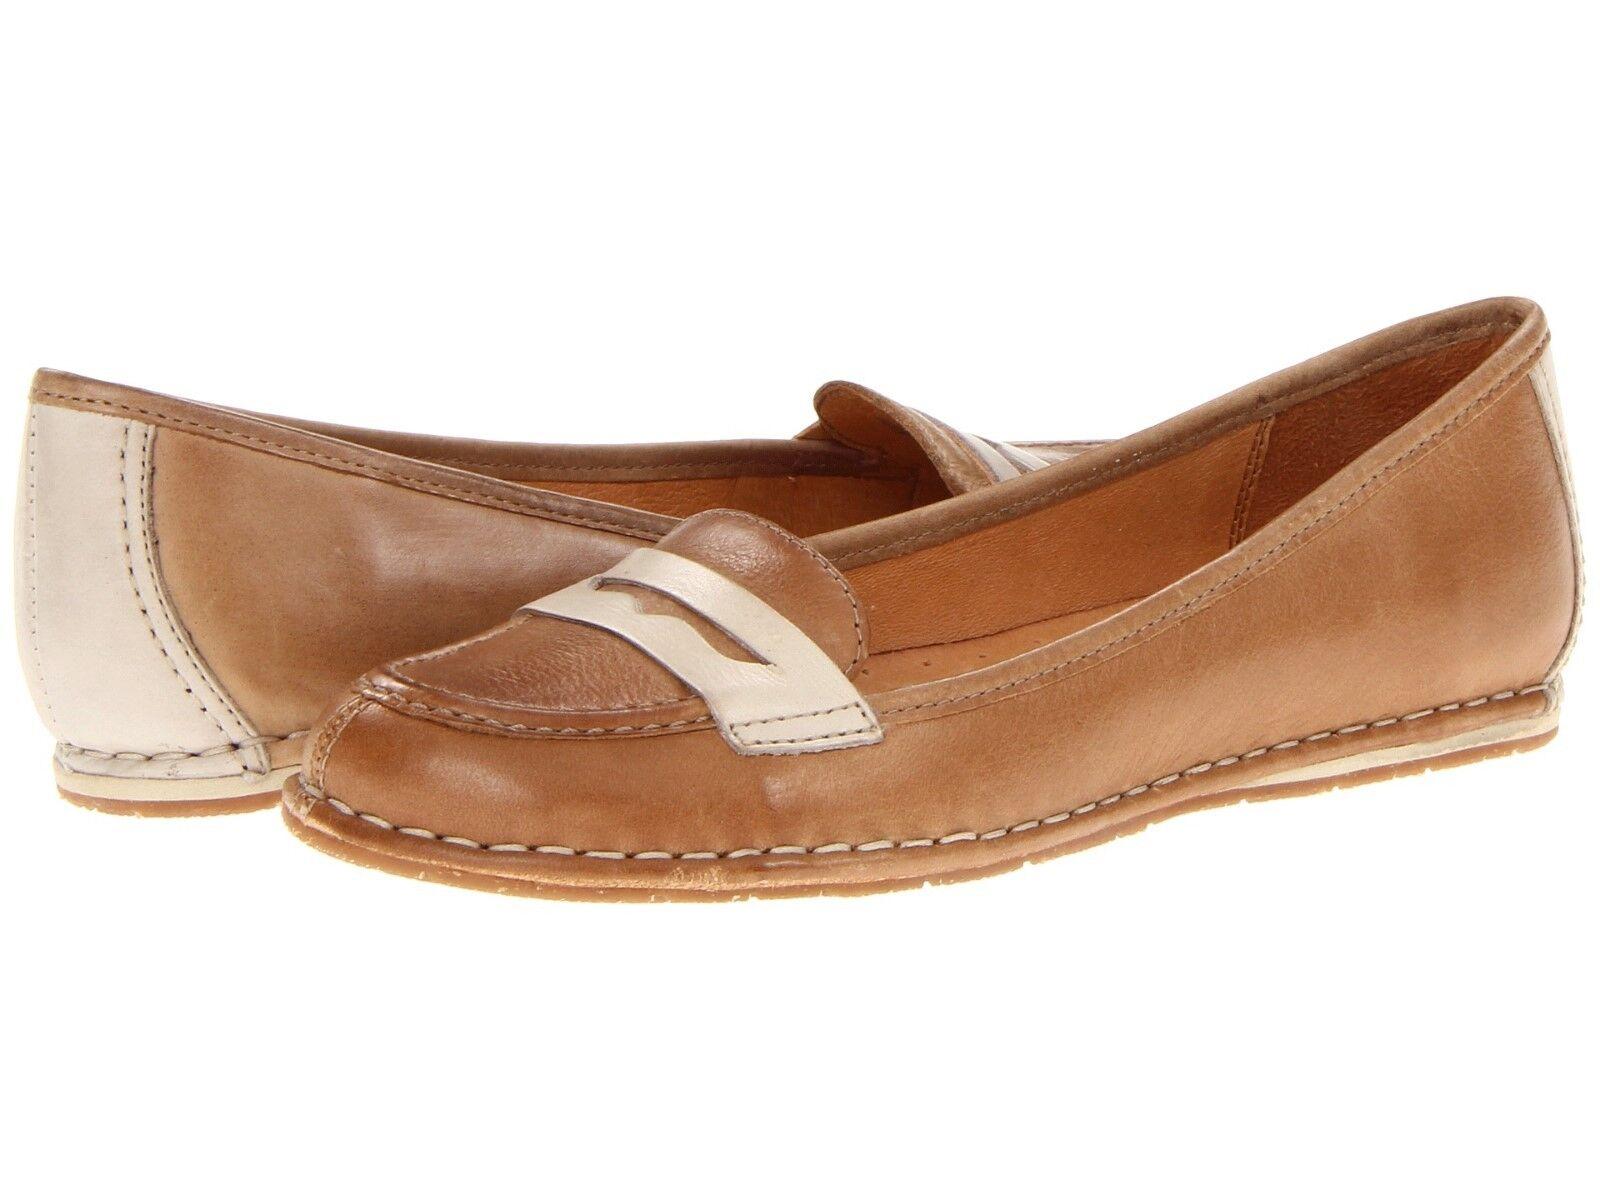 Nuevo Naya Debbie tan Lt Marrón Cuero Cuero Cuero Clásico PENNY Mocasines zapatos sin taco para mujer 5  Venta barata